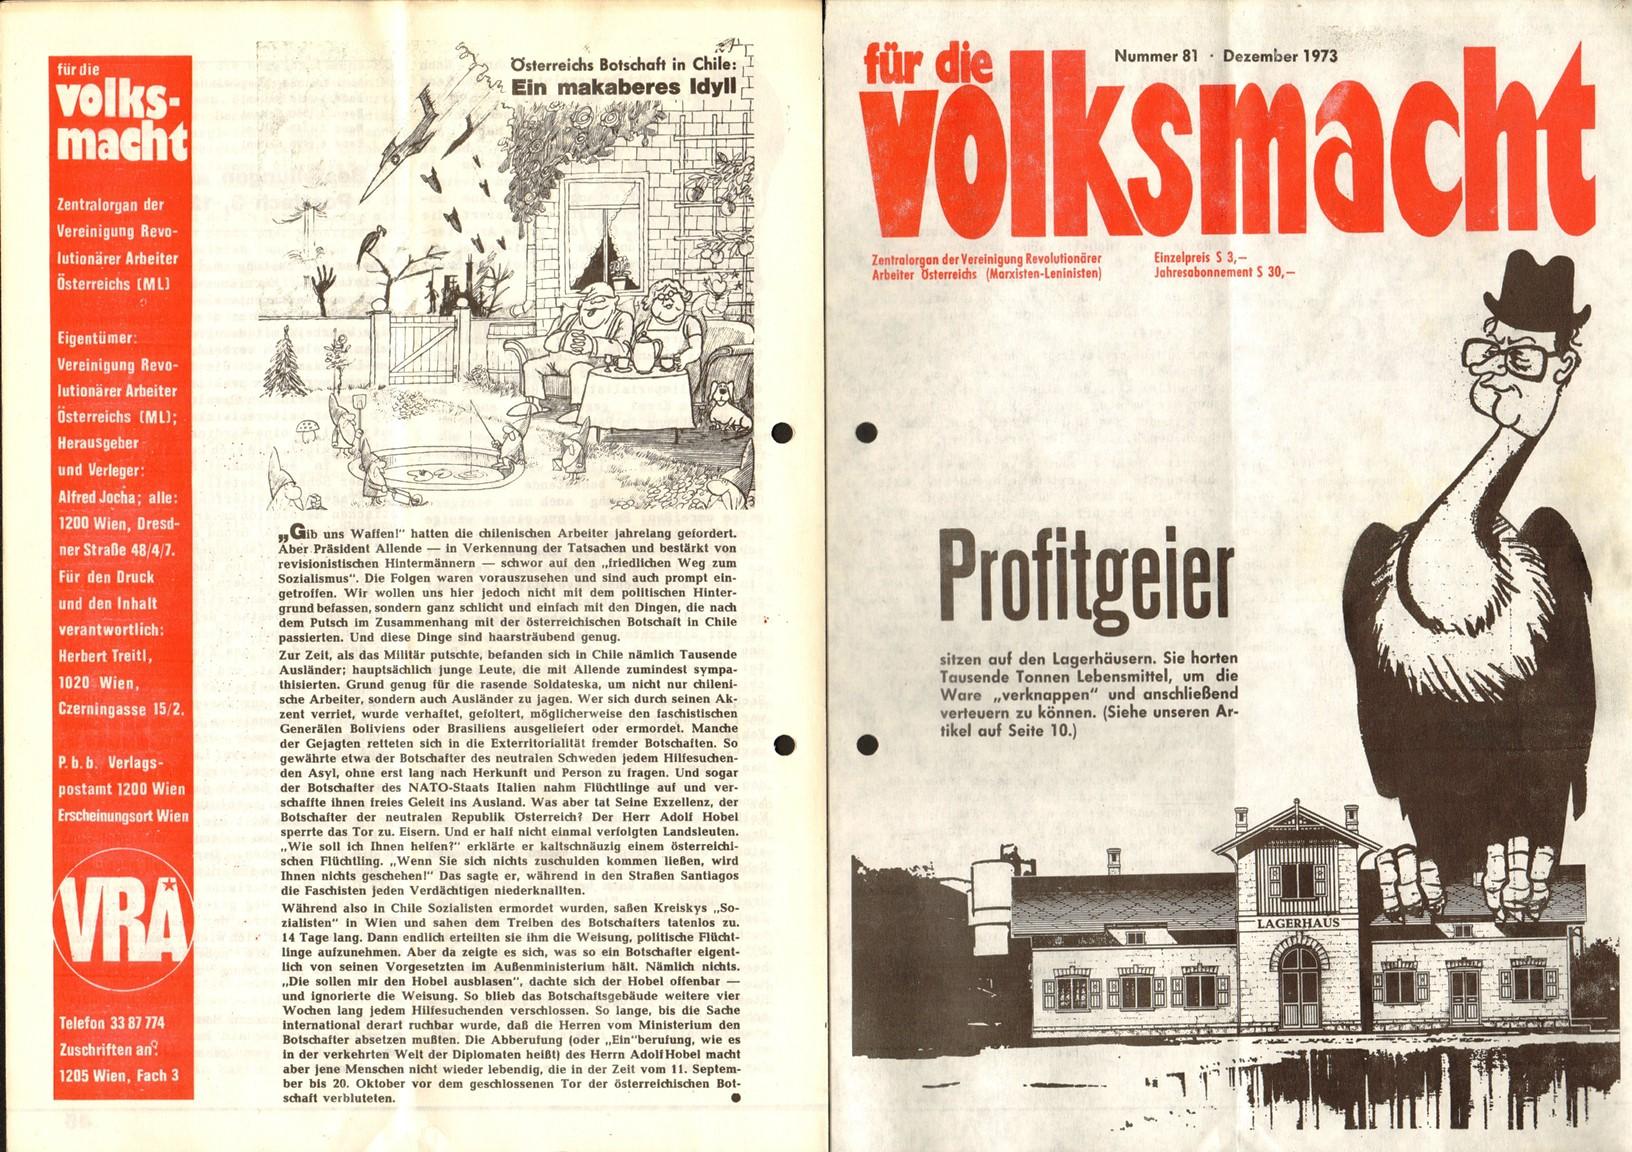 VRA_Fuer_die_Volksmacht_19731200_01